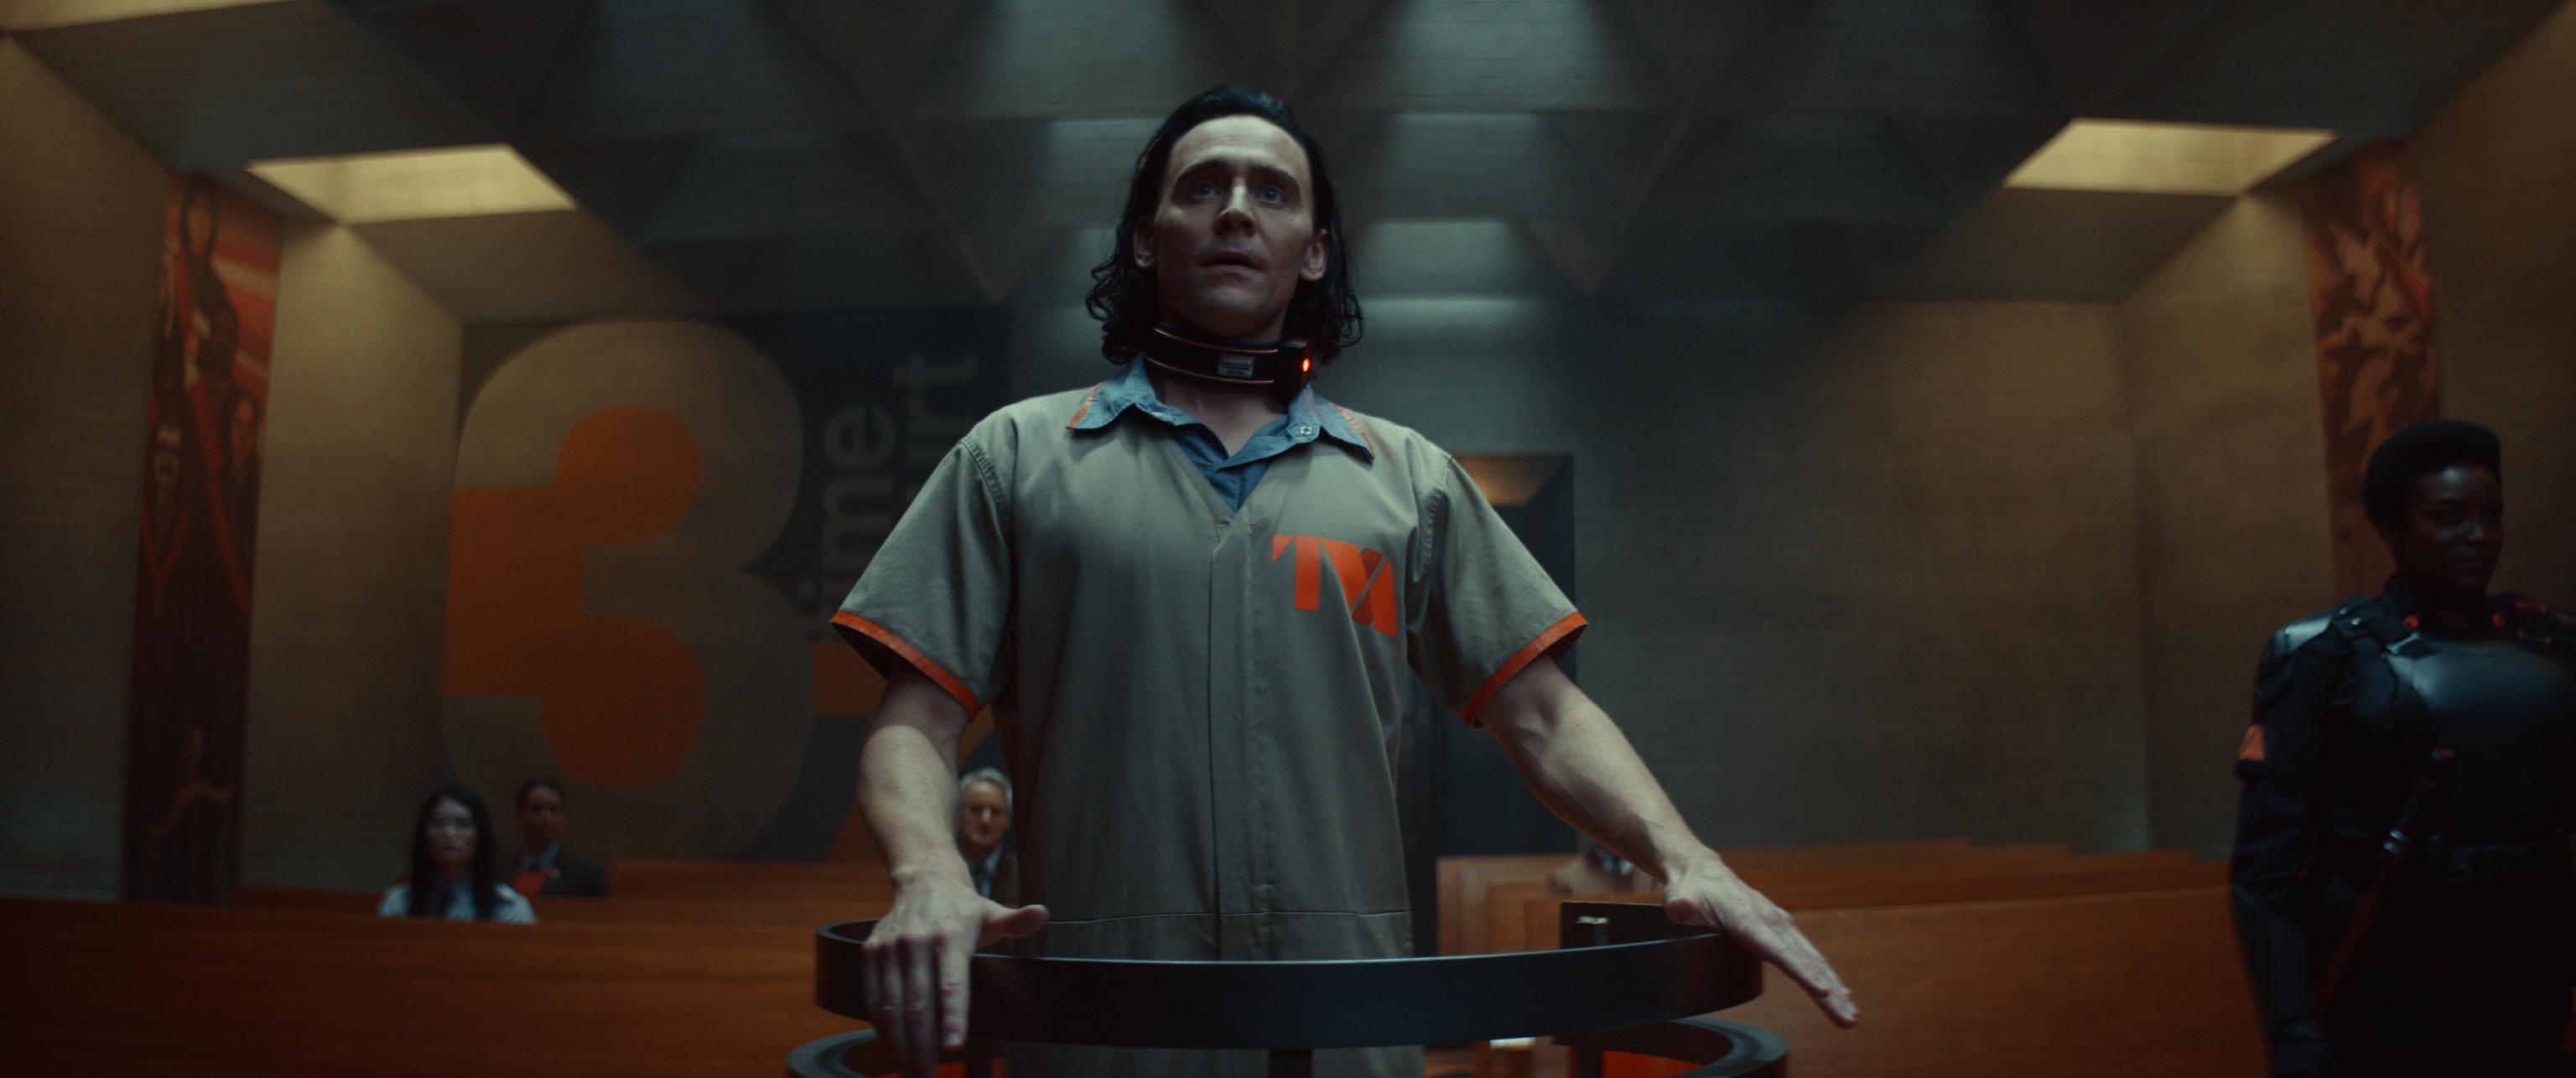 Tom Hiddleston, en el papel de Loki